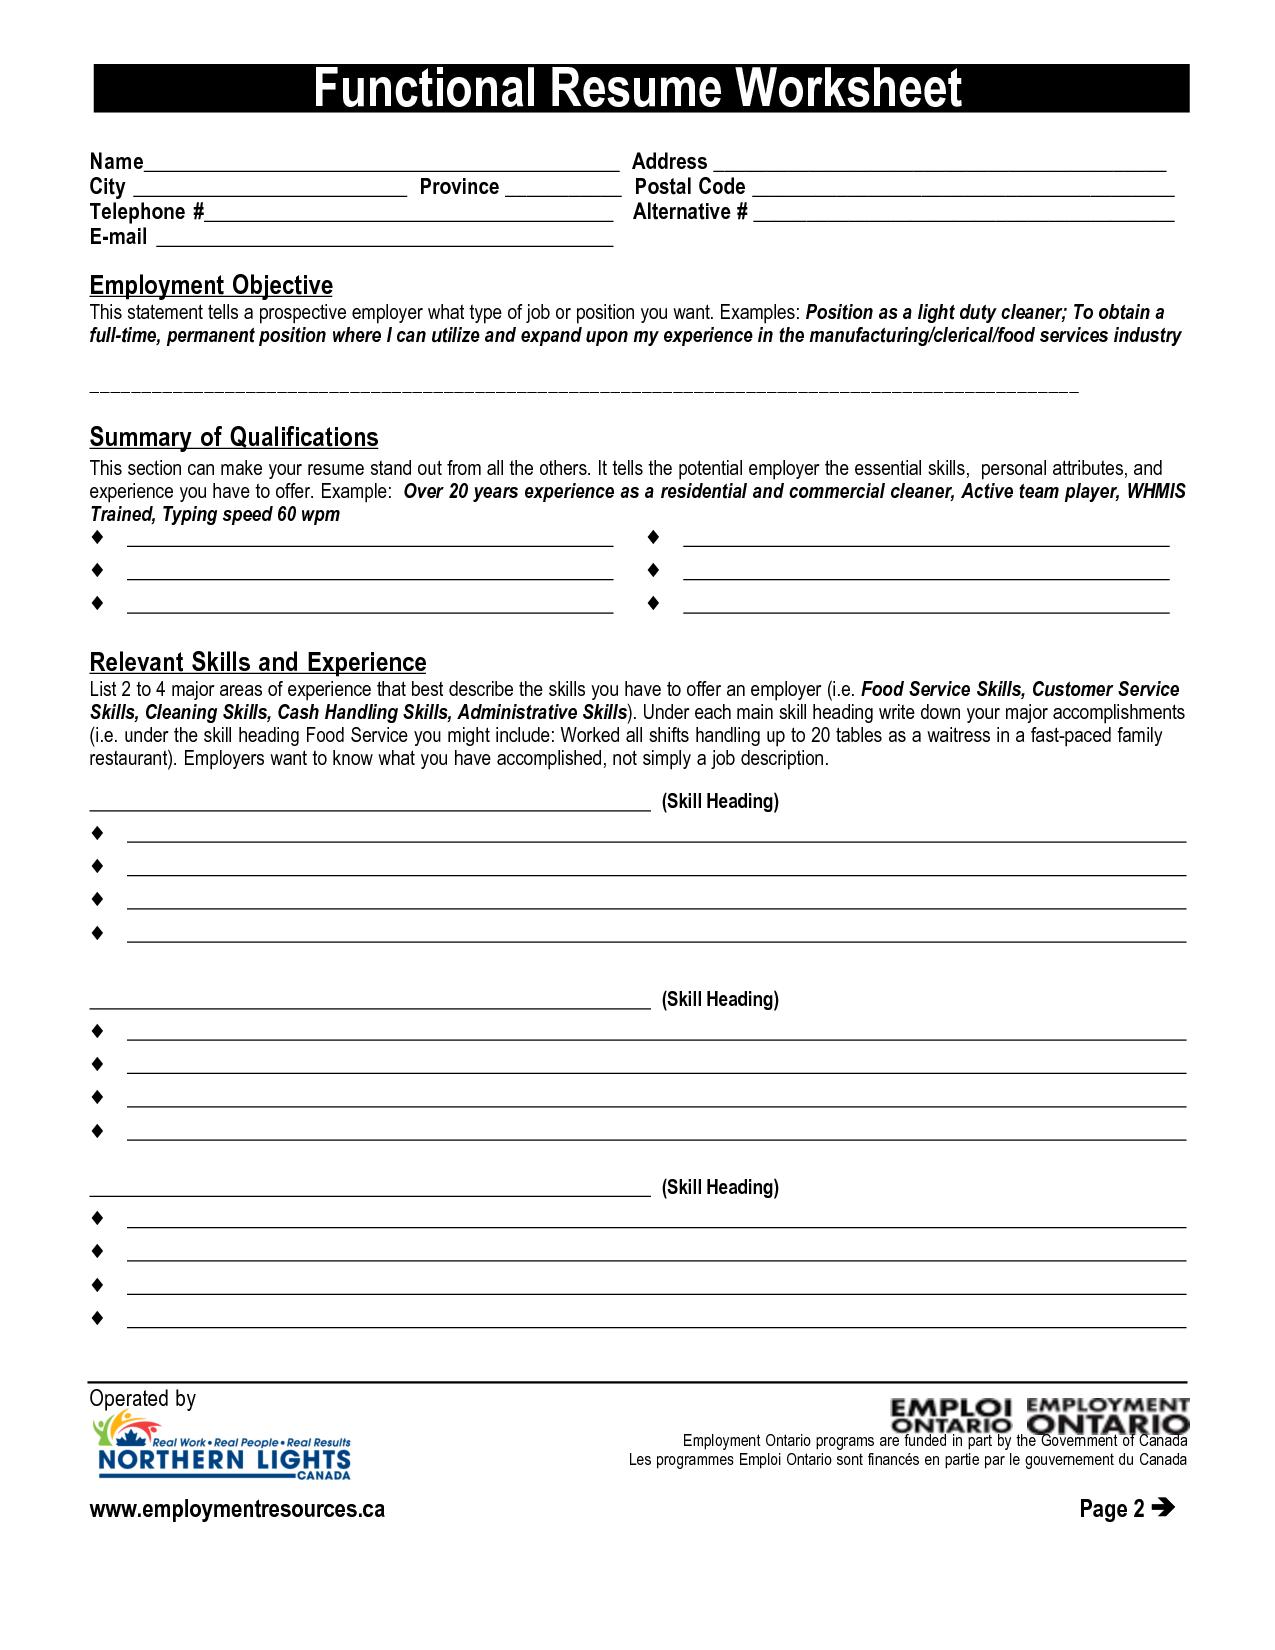 Resume Worksheet Printable And High School Template Building | Printable Resume Builder Worksheet